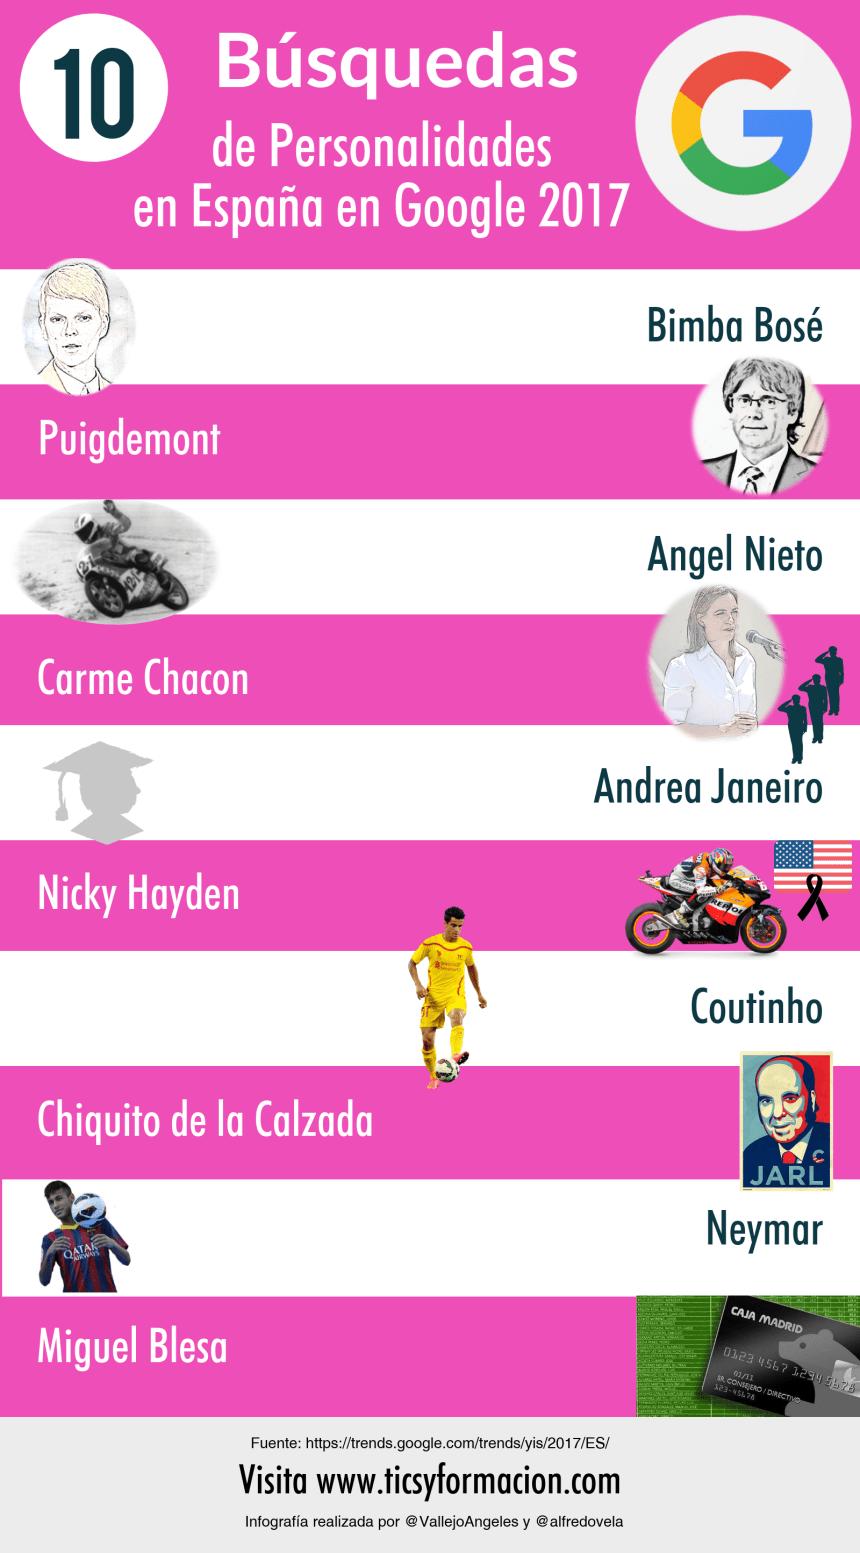 Top 10 personas más buscadas en Google en España 2017